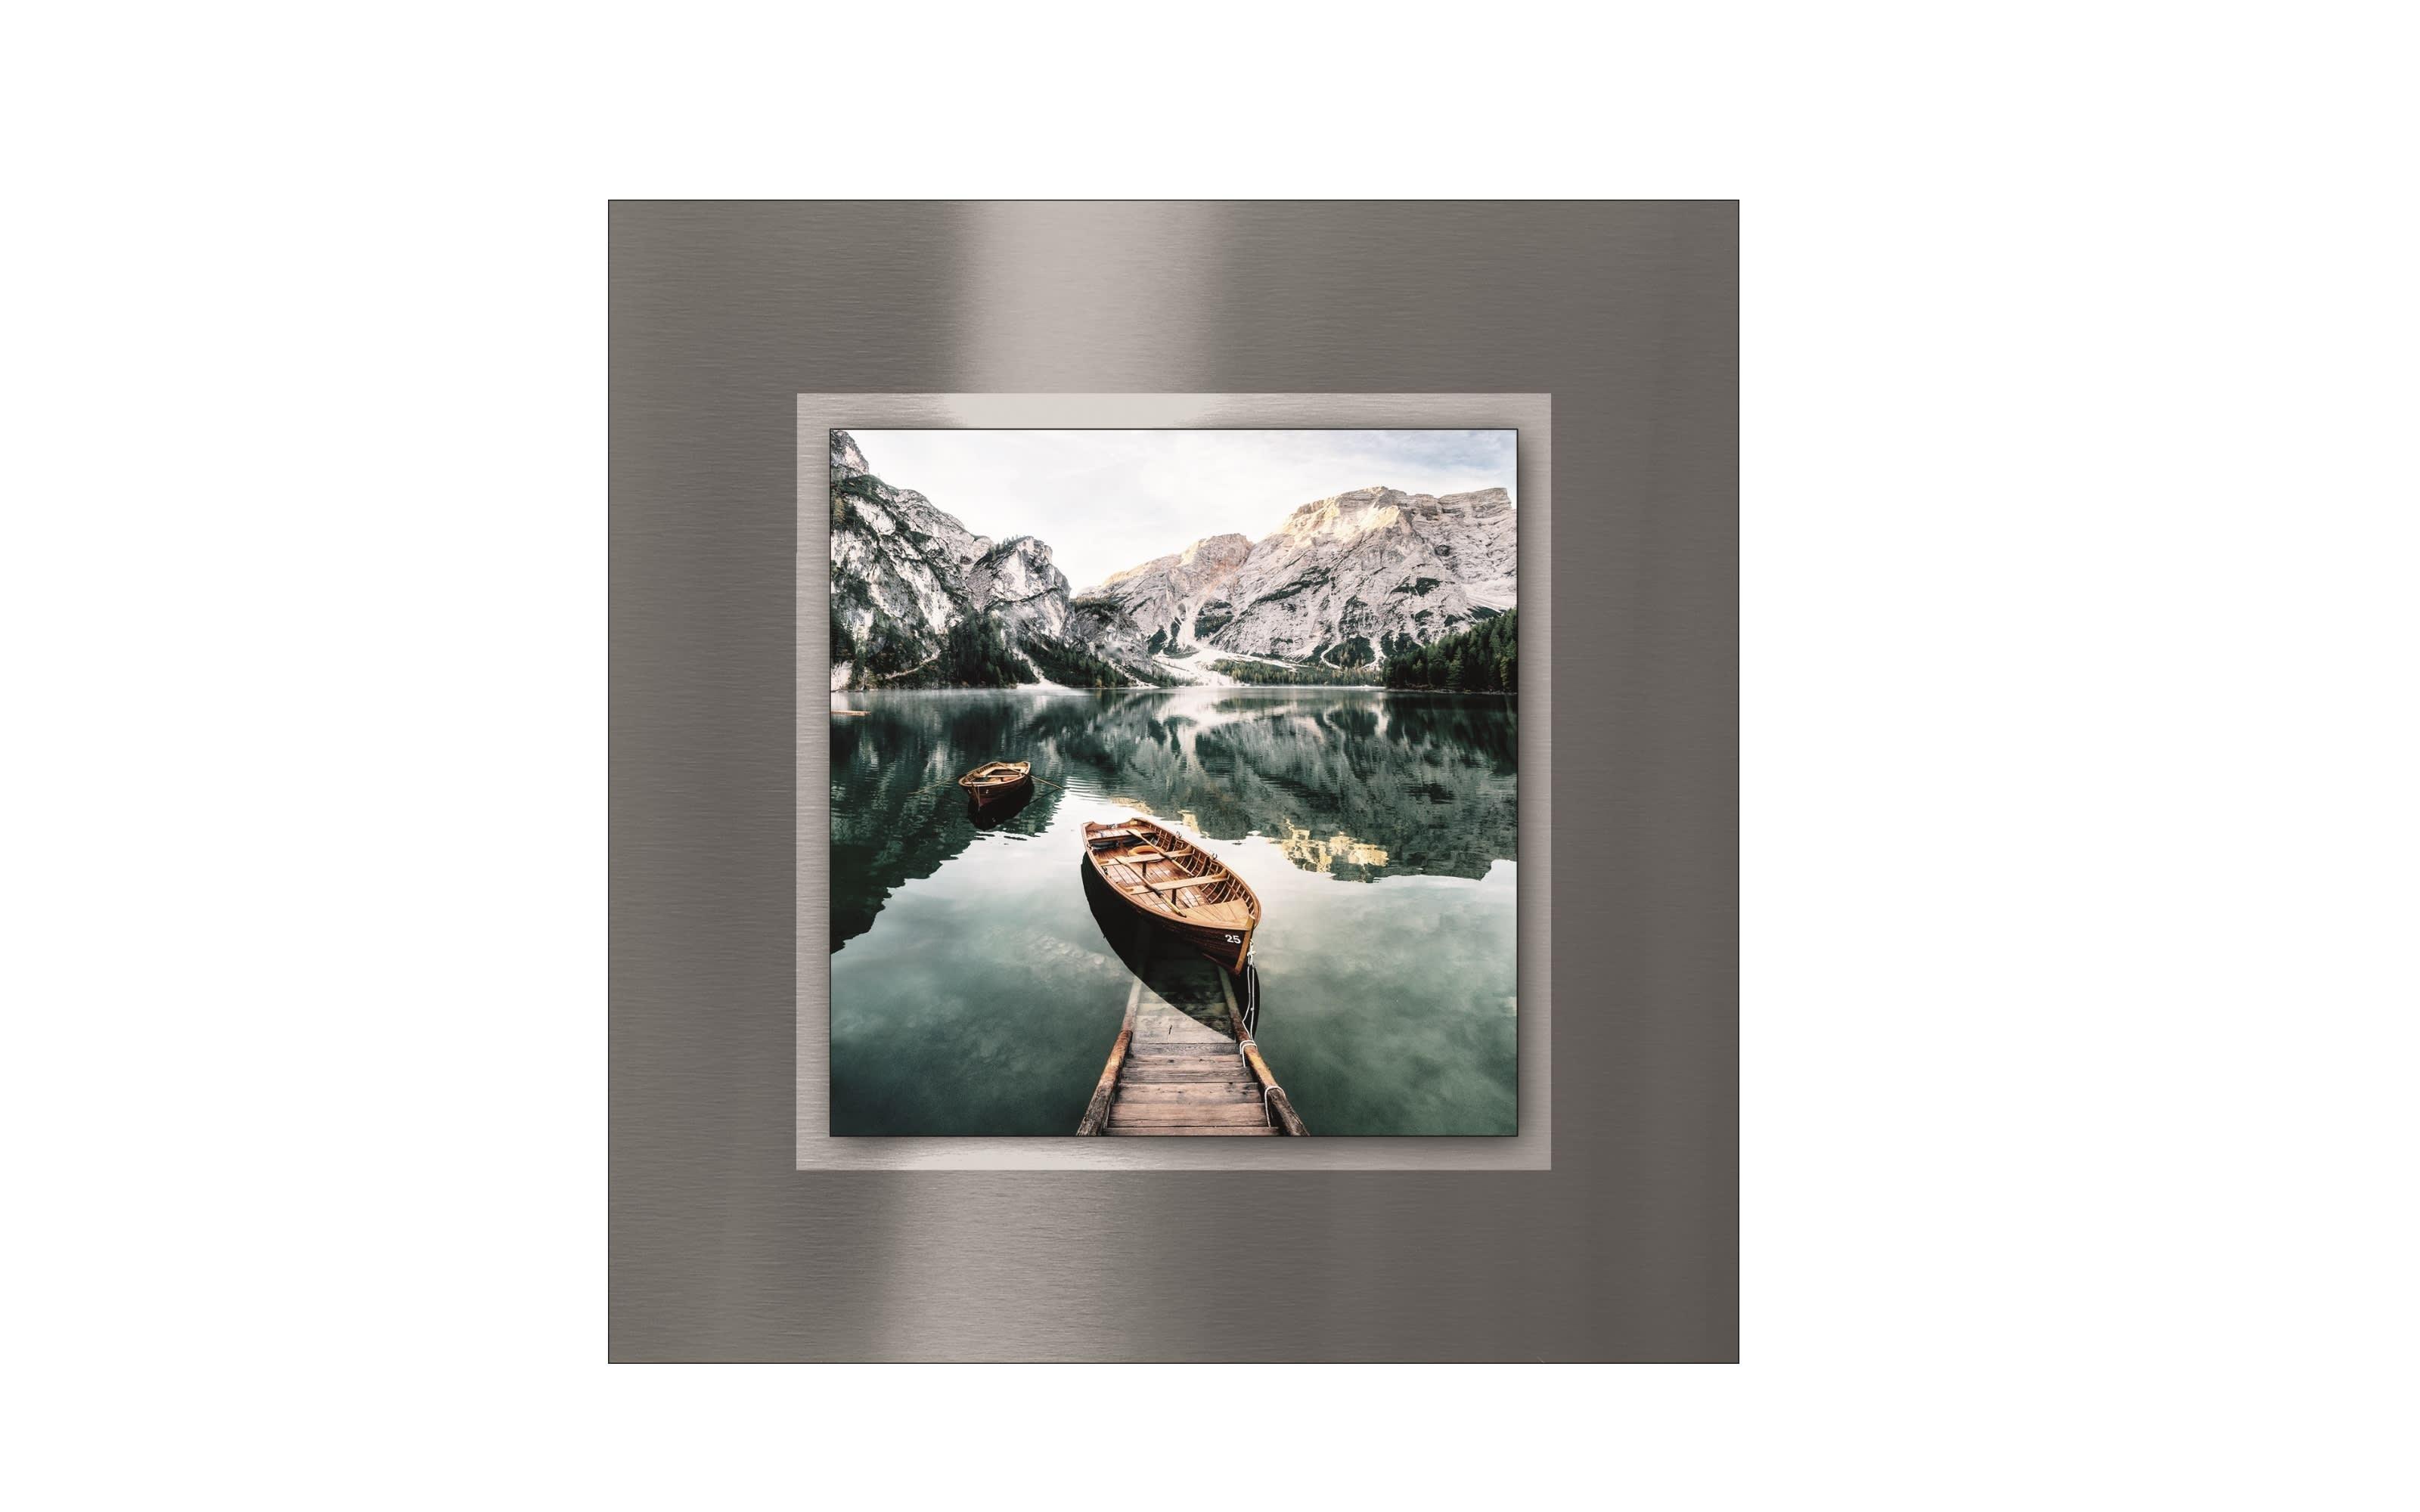 Alu-Art Wildsee III, 50 x 50 cm